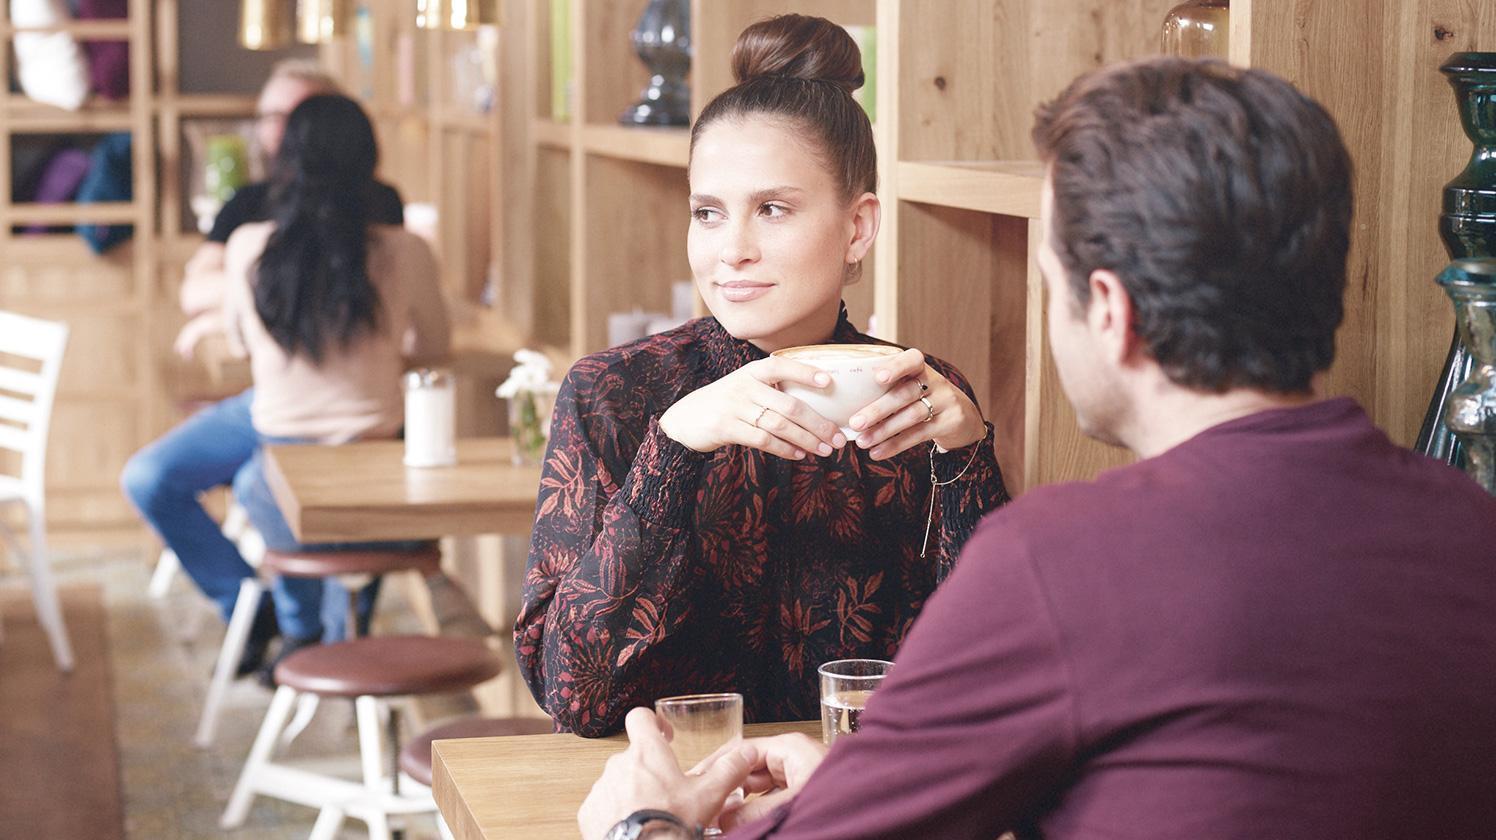 Filtro BRITA AquaGusto pareja en cafetería